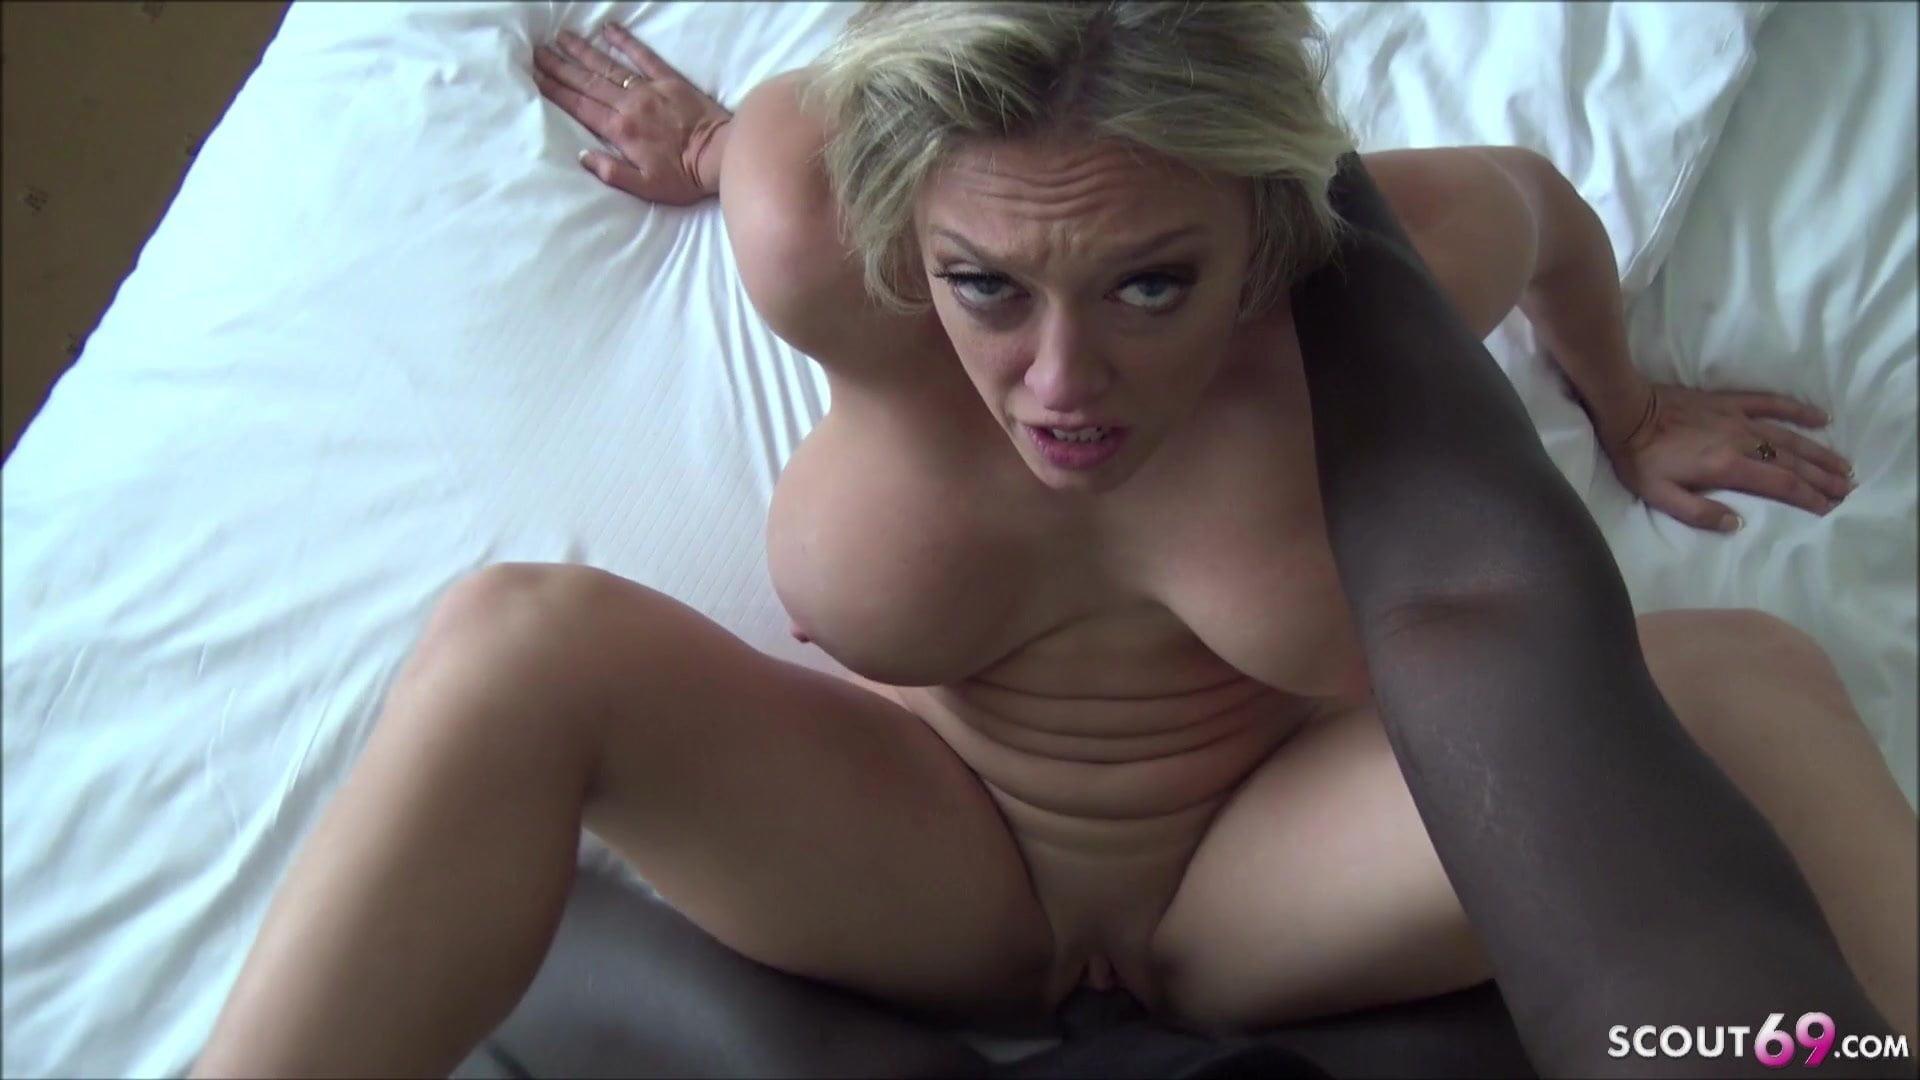 Ami cusack nude photos